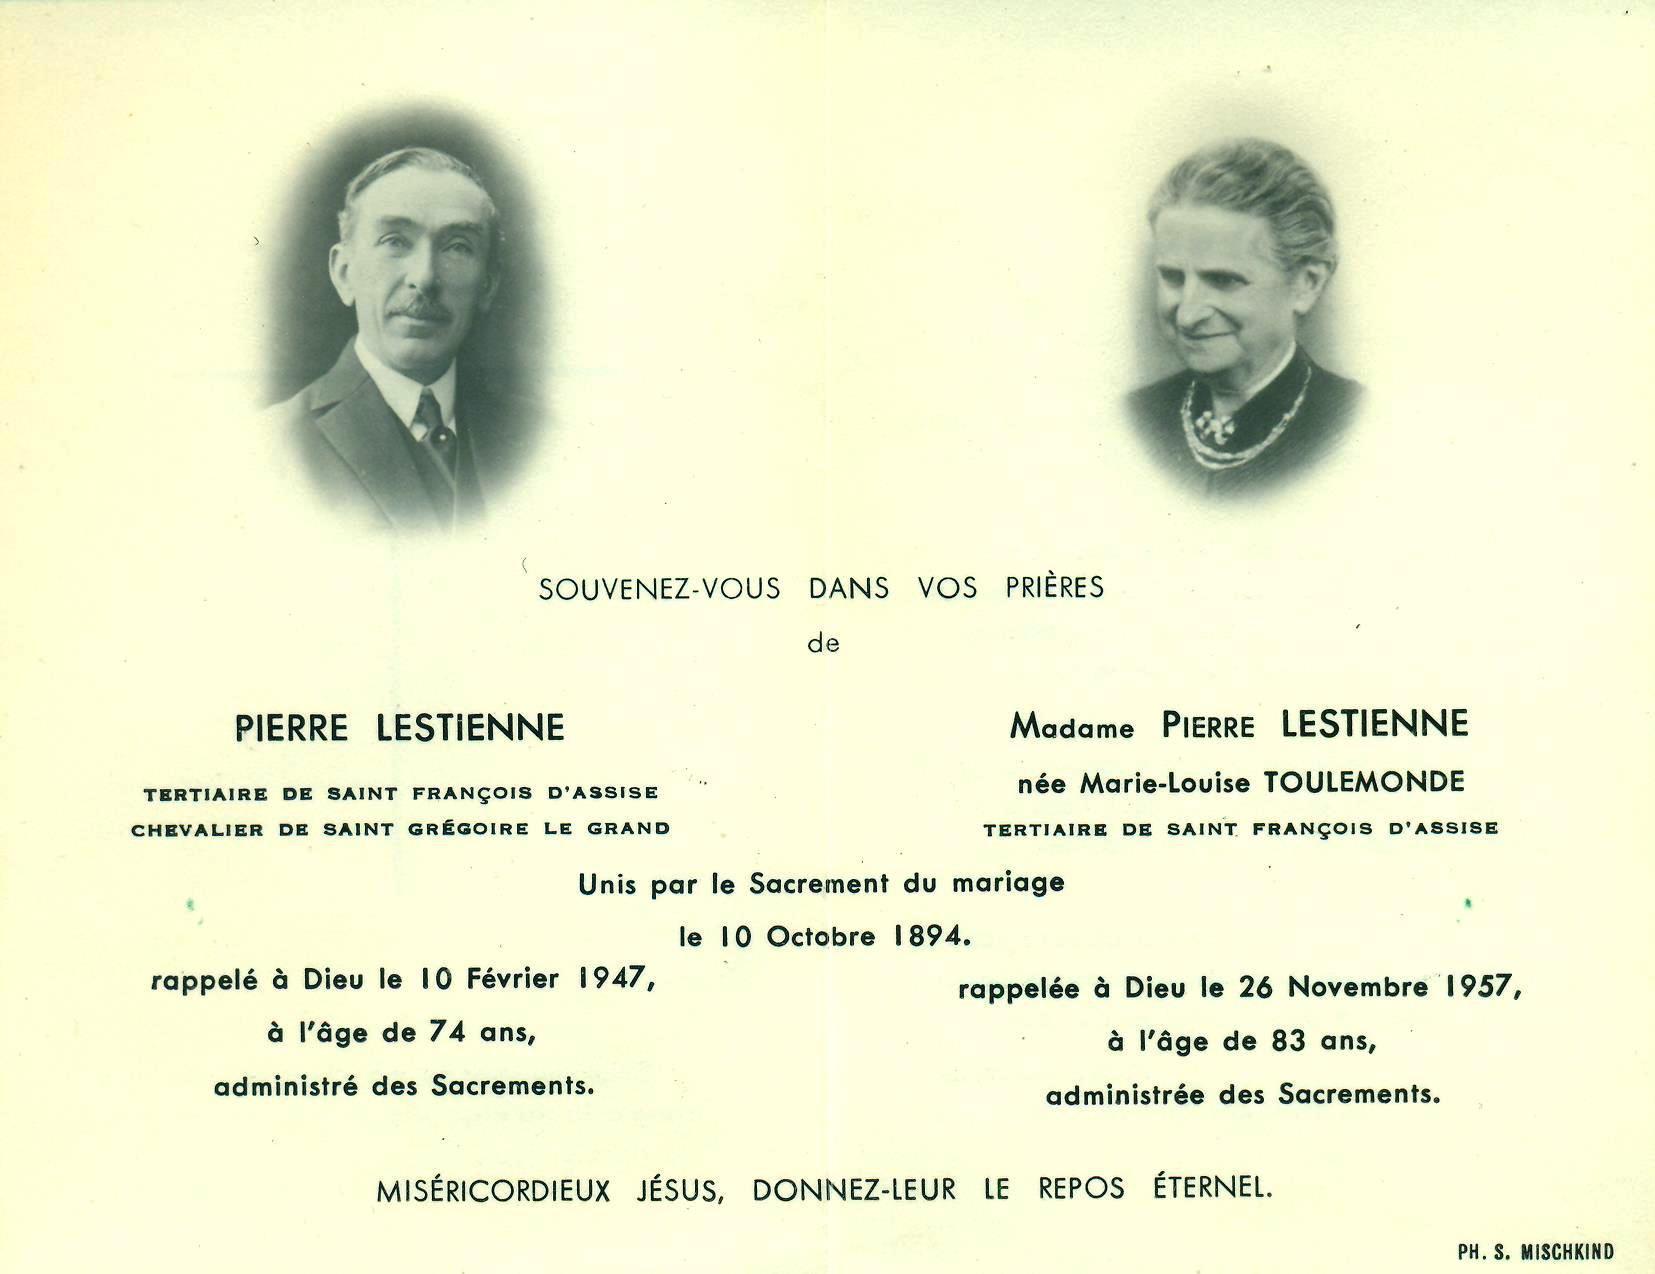 Pierre-Marie-Louise-Lestienne-Toulemonde